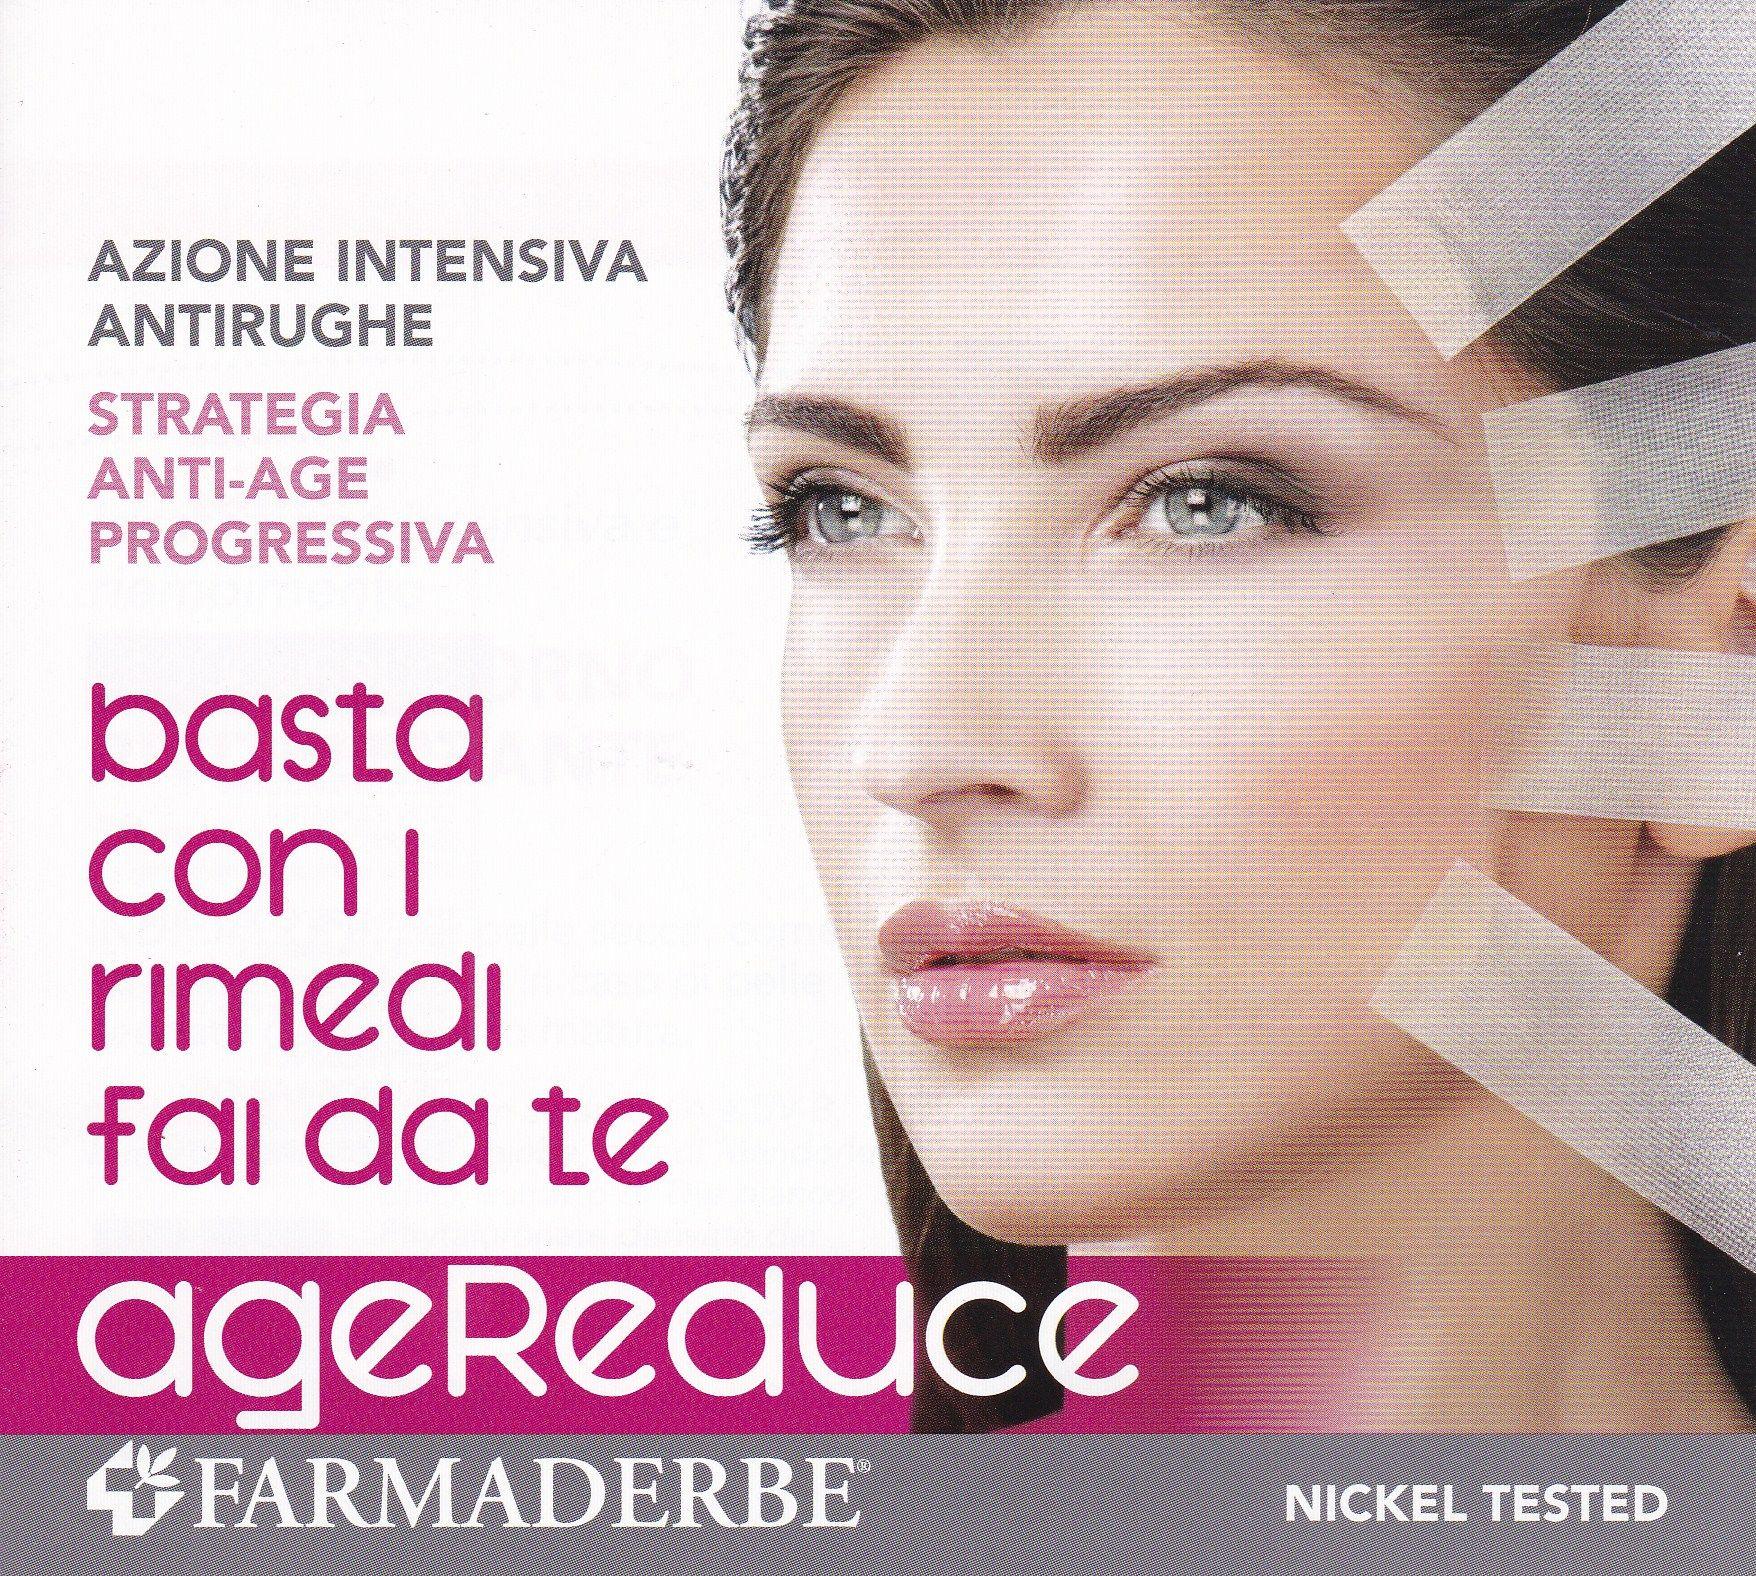 AGEREDUCE crema LABBRA- OCCHI  FARAMDERBE